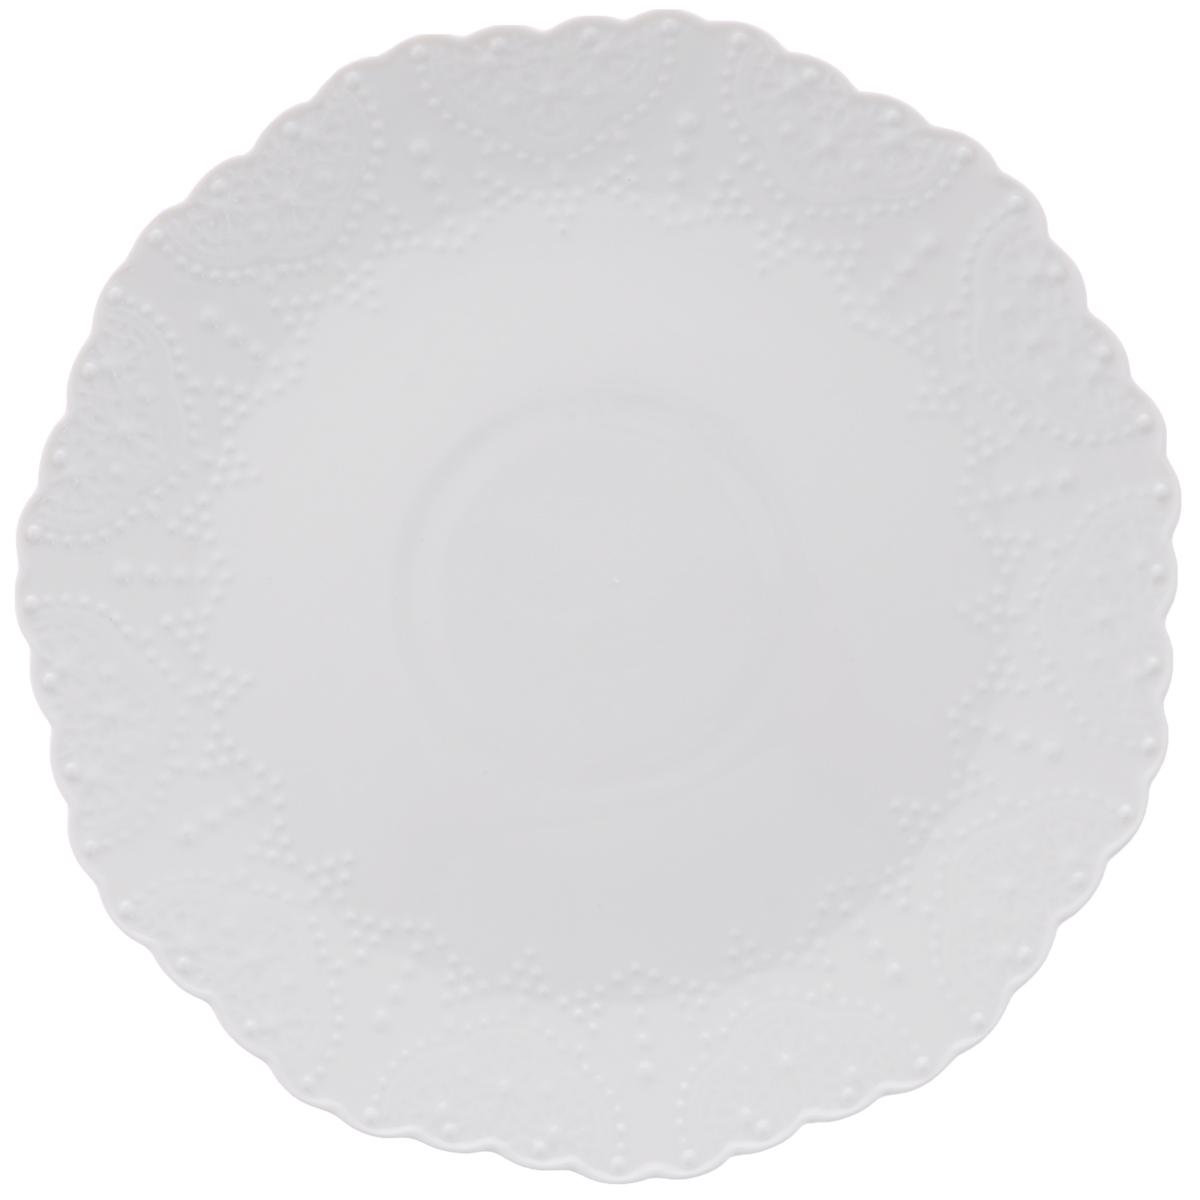 Тарелка обеденная Walmer Vivien, цвет: белый, диаметр 26 см115510Обеденная тарелка Walmer Vivien, изготовленная из высококачественного фарфора, имеет изысканный внешний вид. Яркий дизайн придется по вкусу и ценителям классики, и тем, кто предпочитает утонченность. Тарелка Walmer Vivien идеально подойдет для сервировки стола и станет отличным подарком к любому празднику.Диаметр (по верхнему краю): 26 см